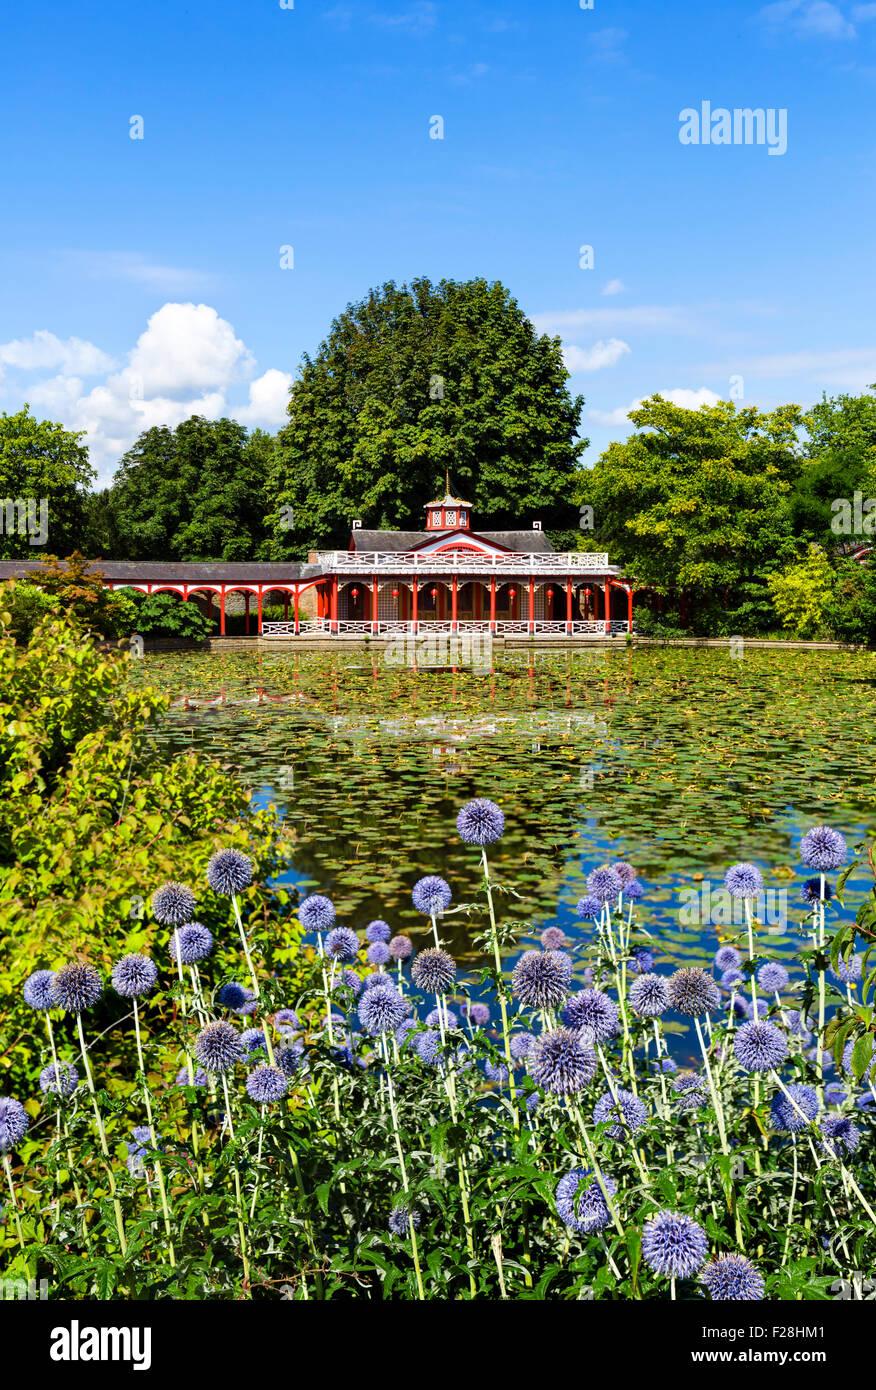 Il Caseificio cinese a Woburn Abbey, Woburn, Bedfordshire, England, Regno Unito Immagini Stock